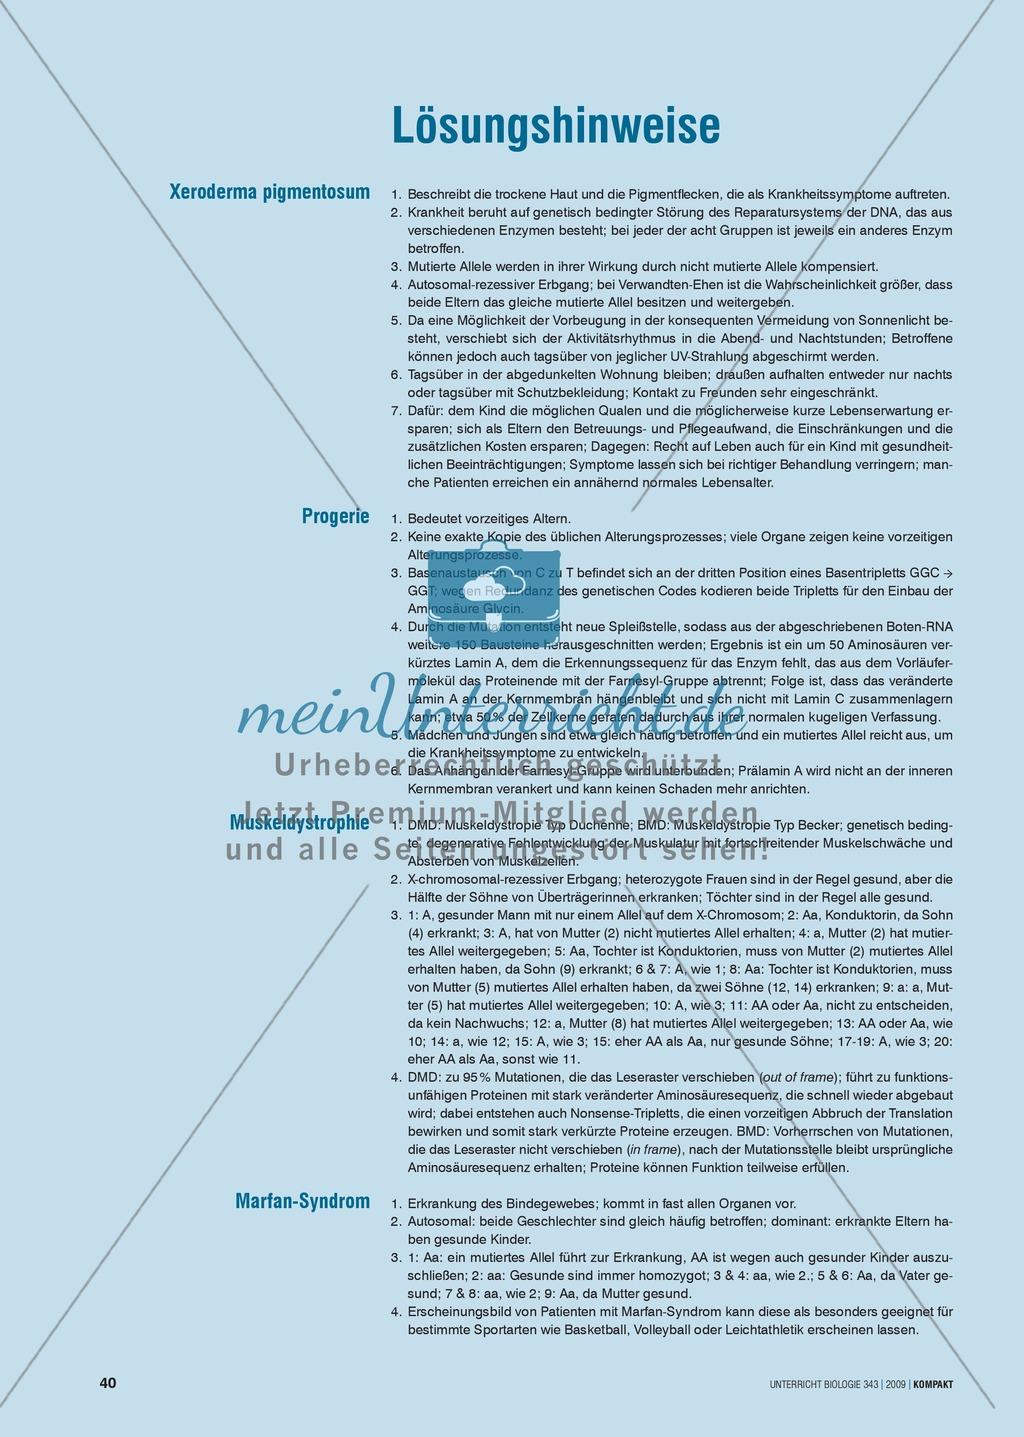 Genetik: Untersuchung der erblich bedingten Krankheit Xeroderma pigmentosum (